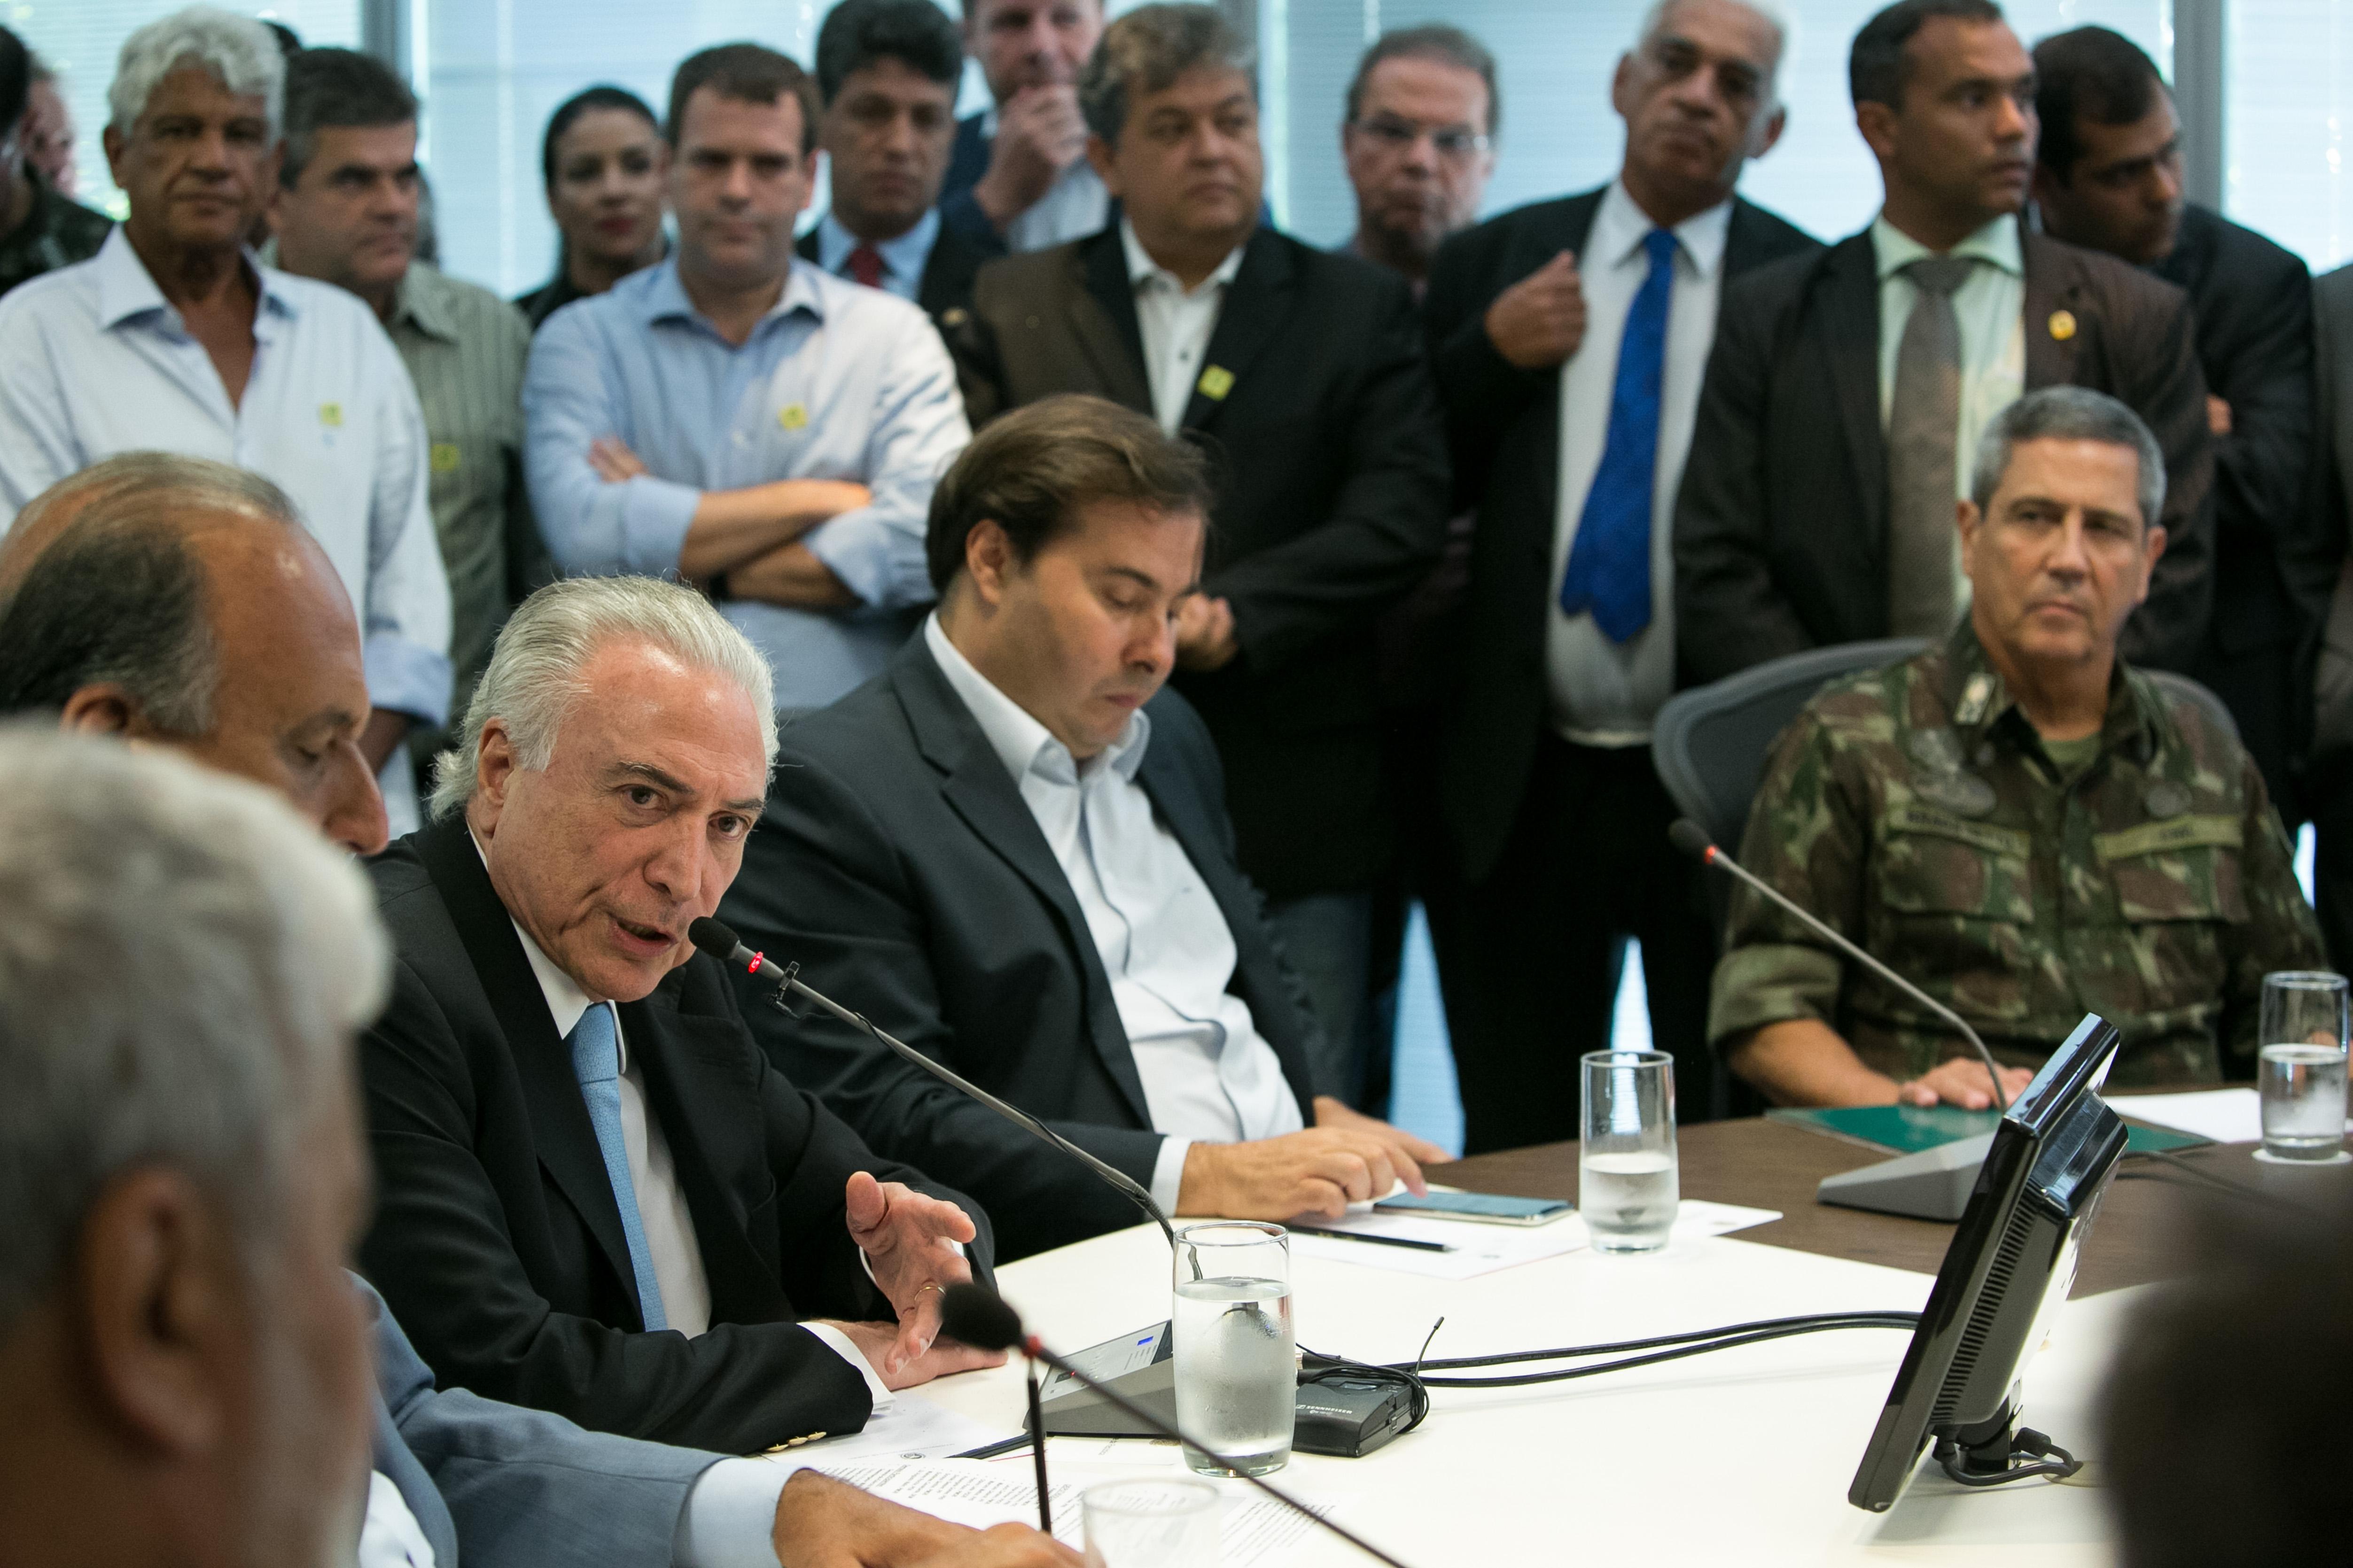 General mineiro afirma: 'há muita mídia', sobre crise de segurança no Rio